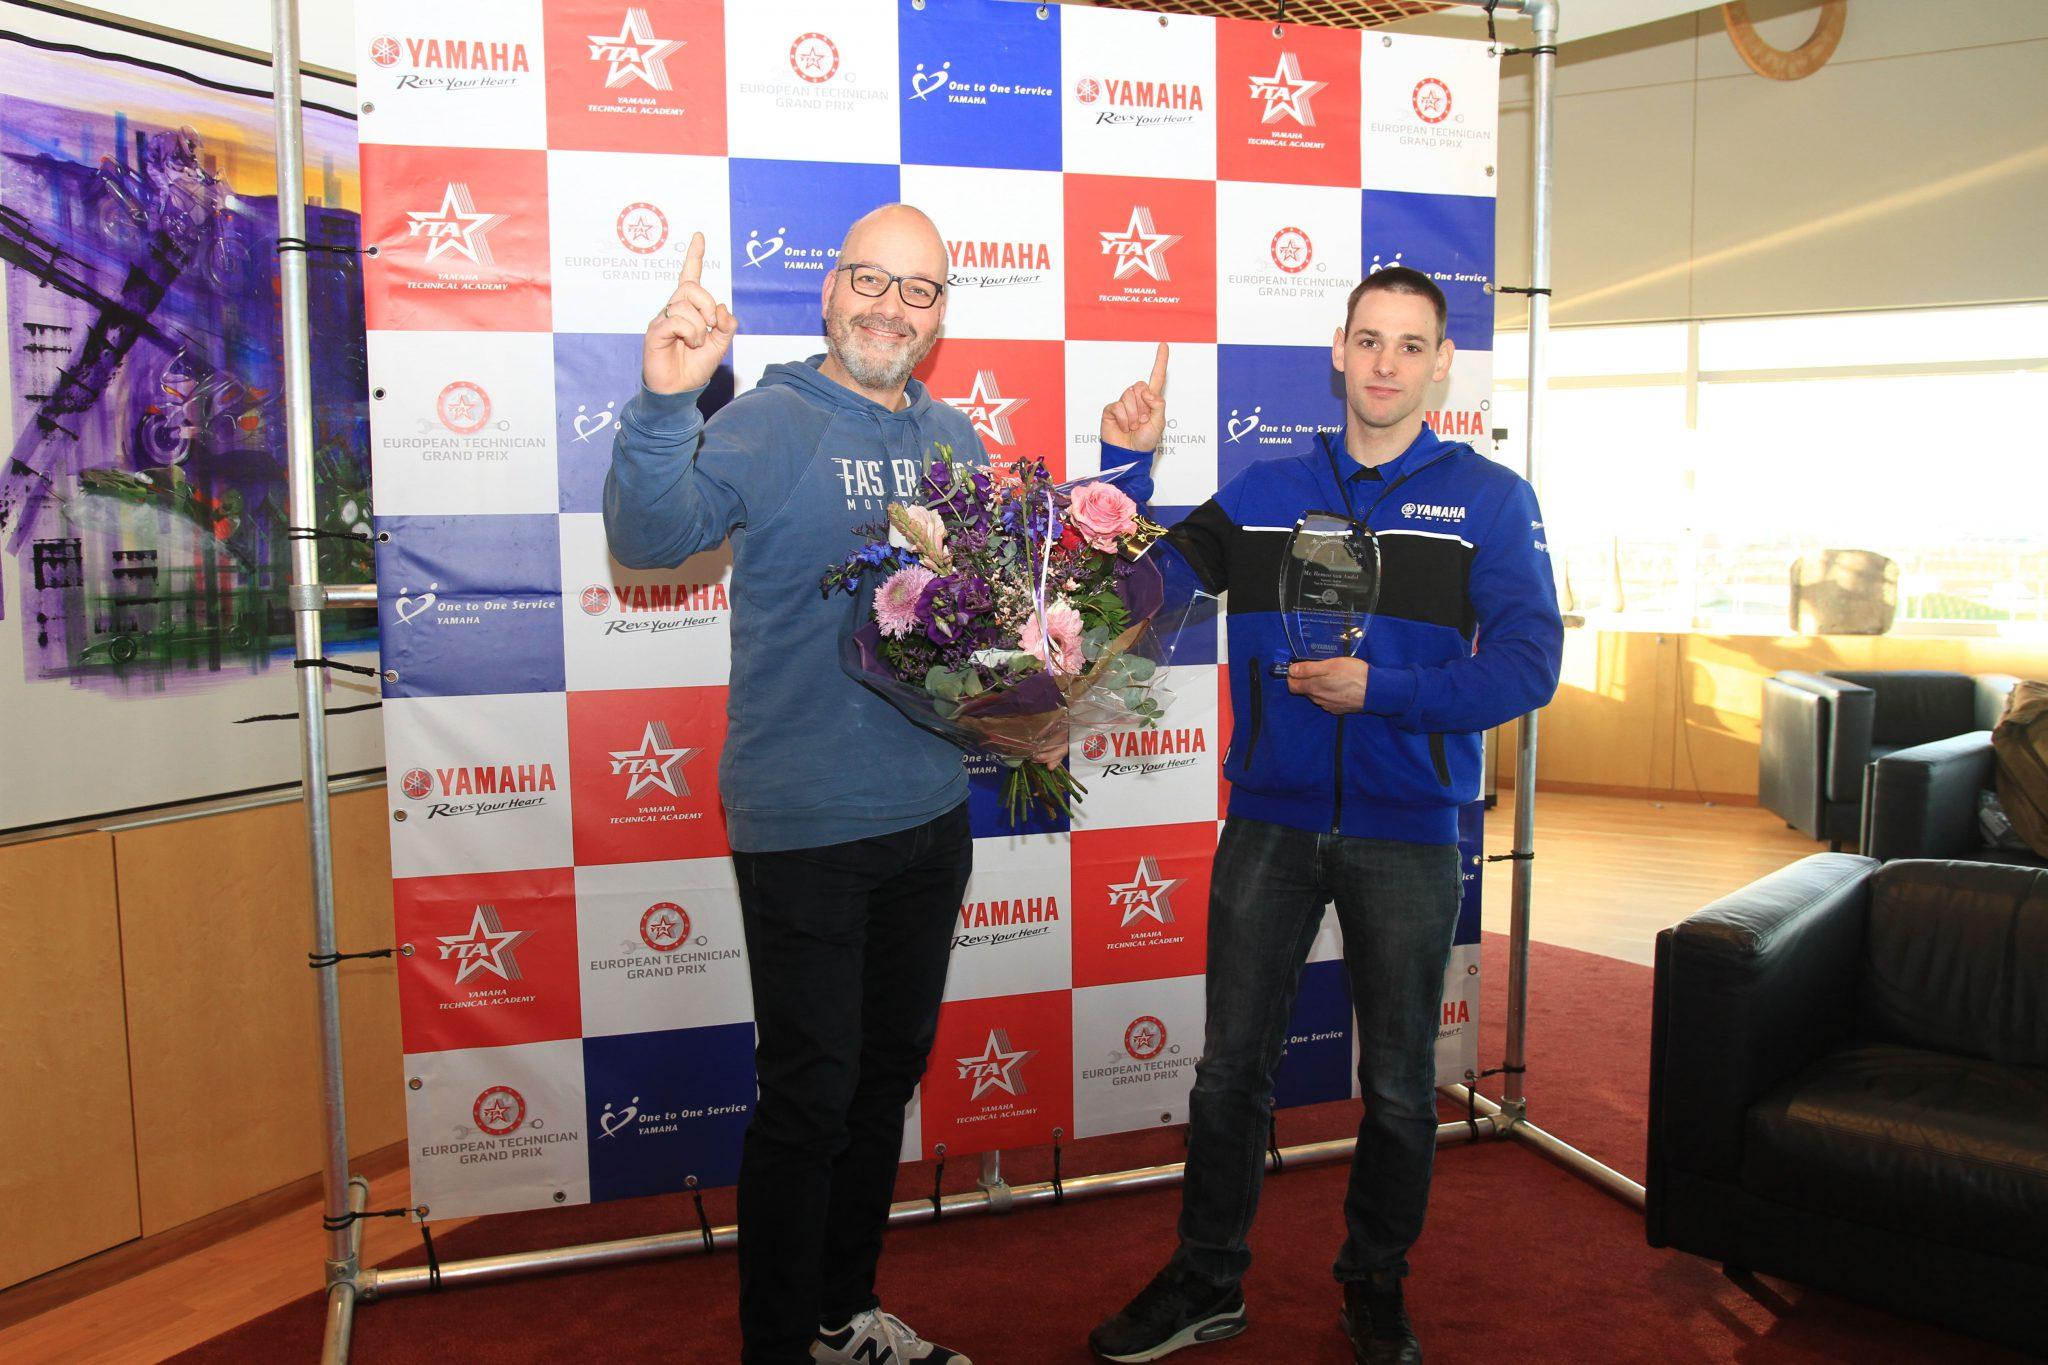 Yamaha-monteur Remco van Andel van Van de Kuinder Motoren wint de National Technician Grand Prix